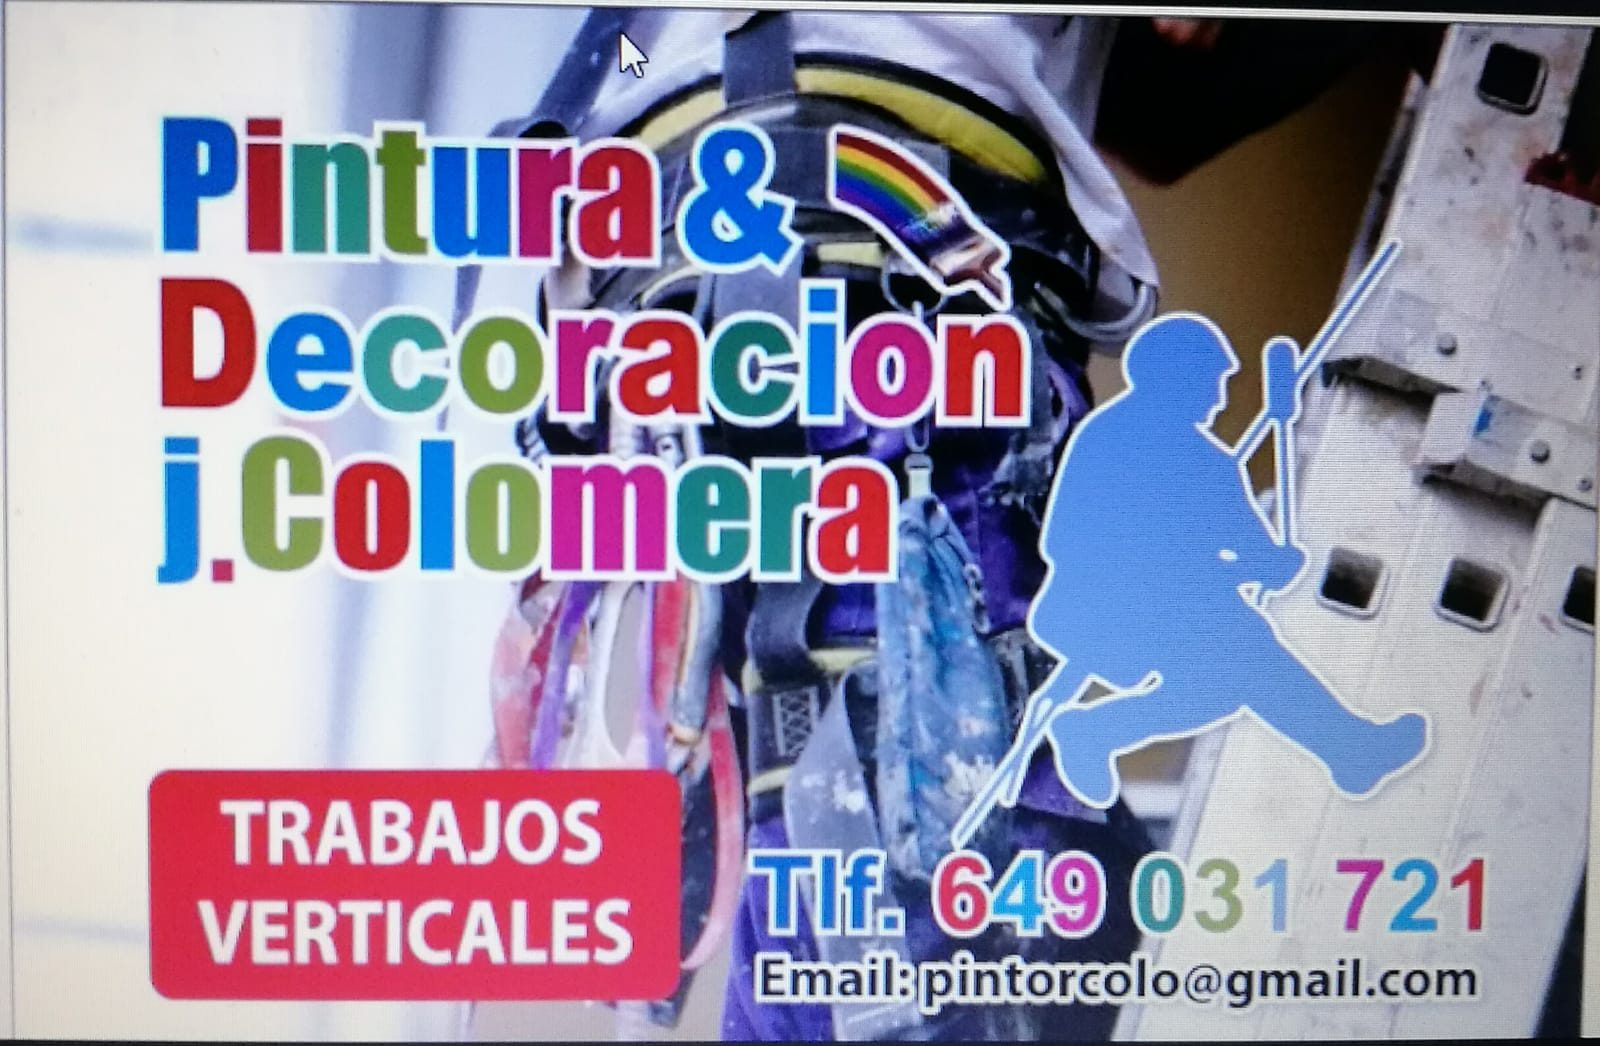 PINTURAS Y DECORACIÓN JOSE COLOMERA